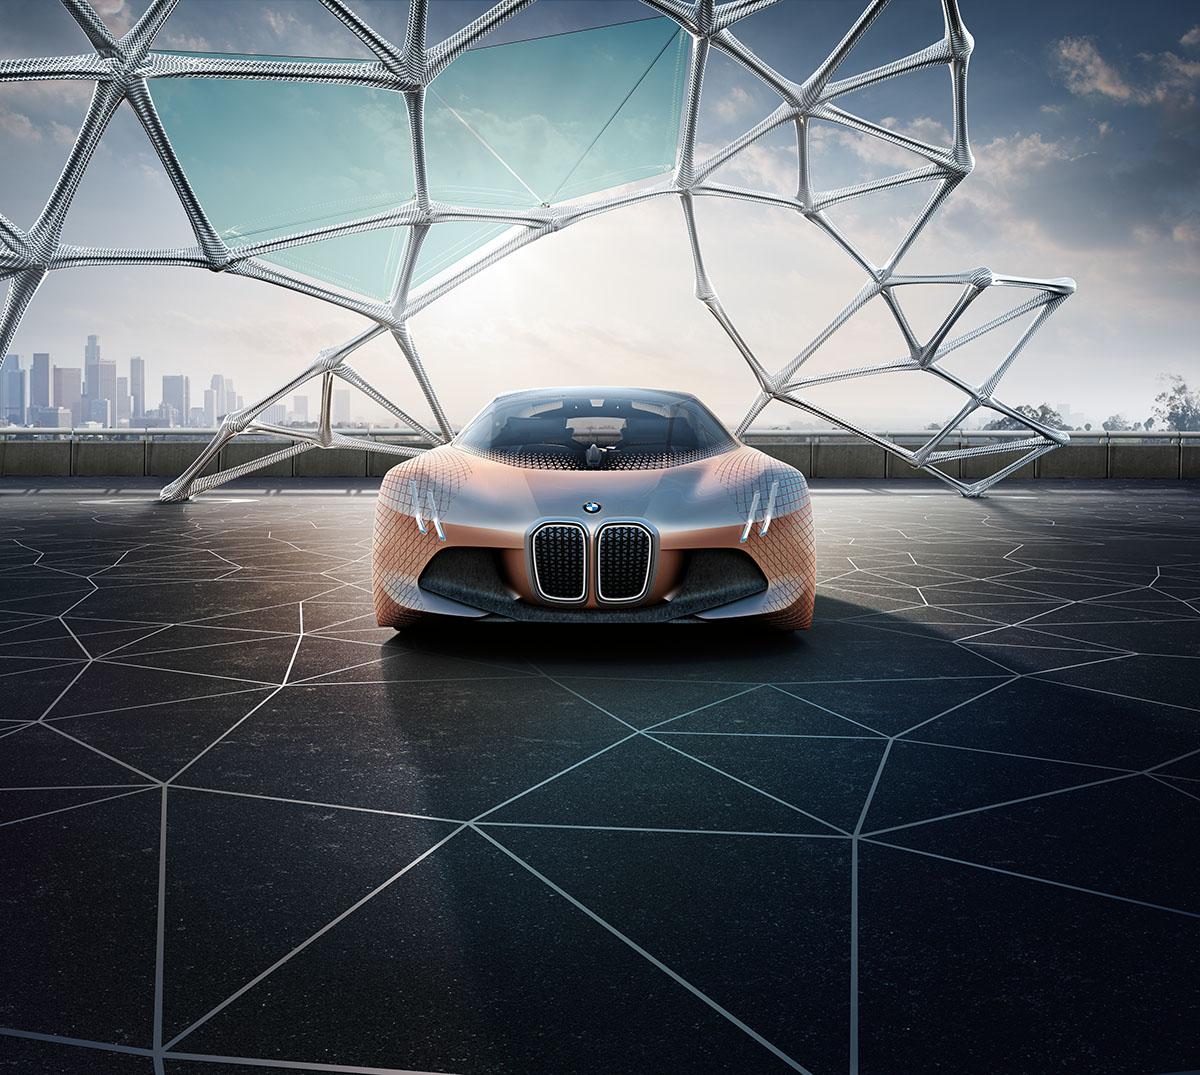 Der BMW Vision Next 100: Der BMW der Zukunft 5